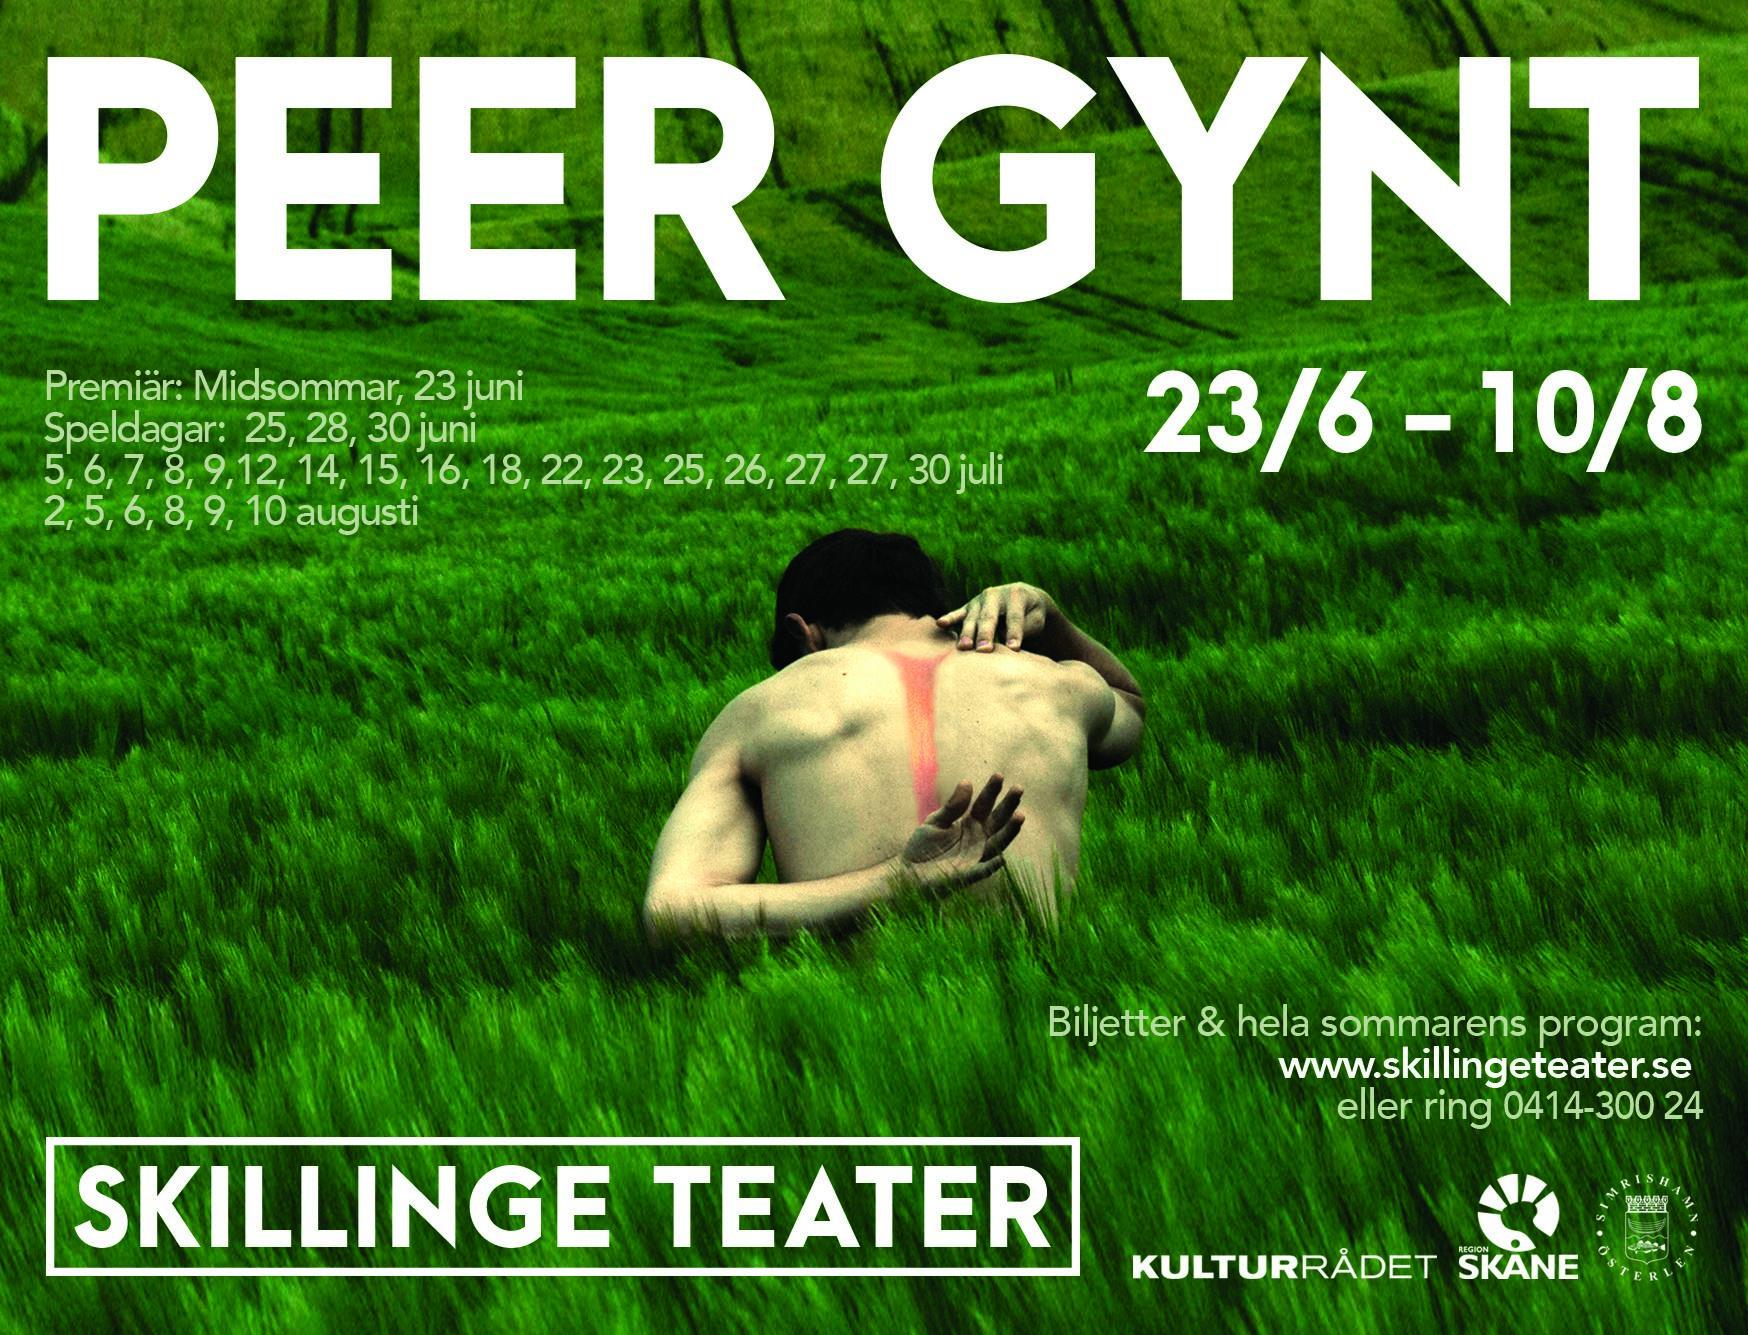 Teater - Peer Gynt